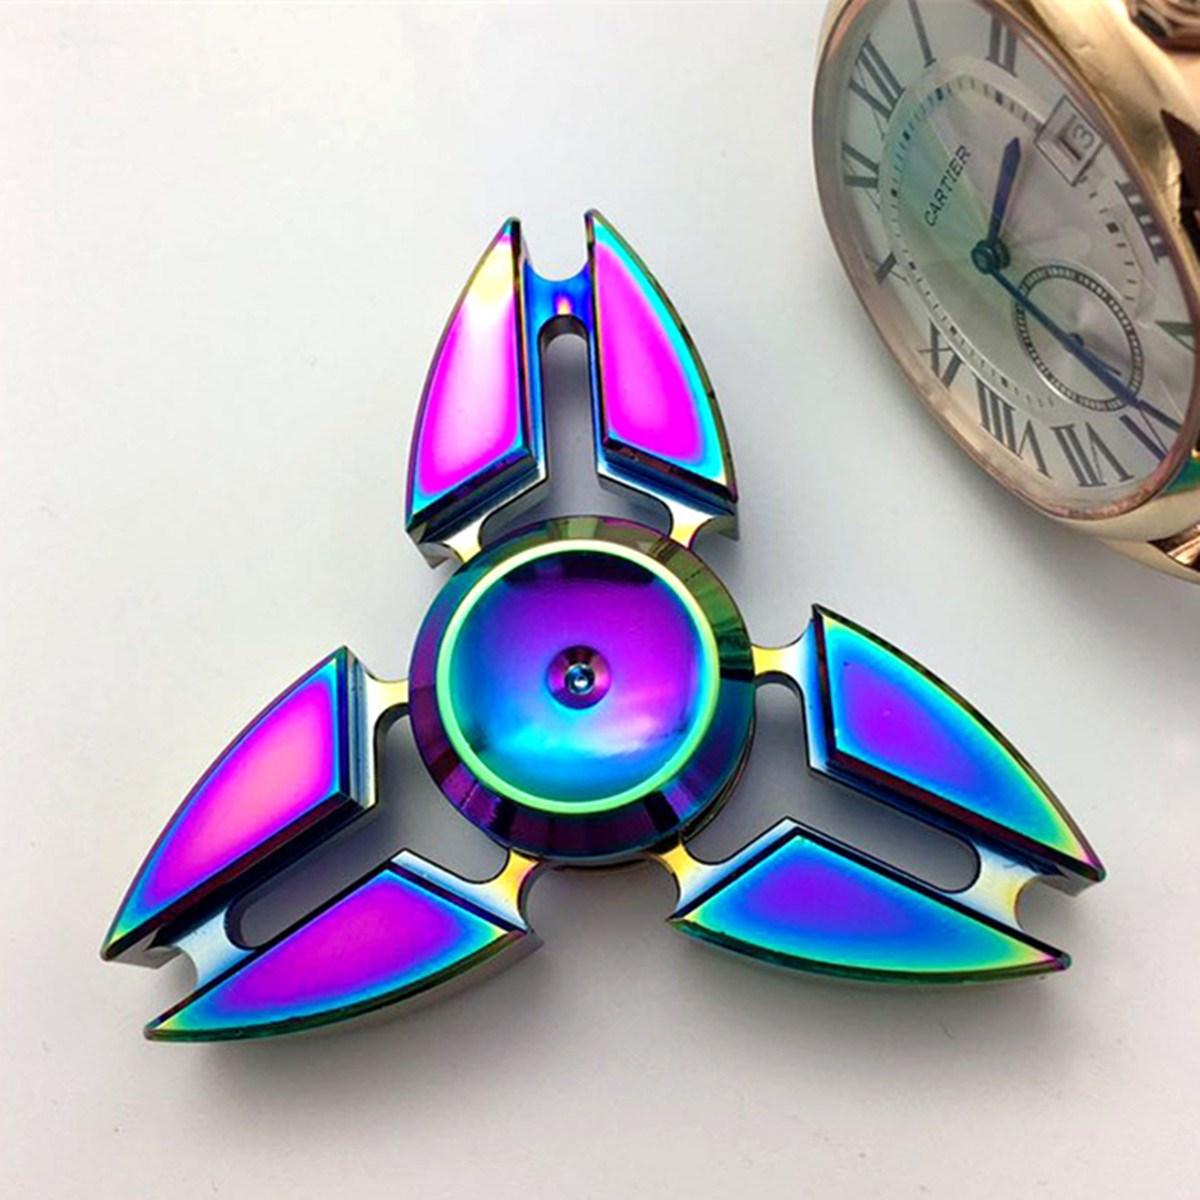 Funny EDC Hand Spinner Fidget Spinner Gadget Tri Spinner Finger Reduce Stress Gadget Toys Gift For